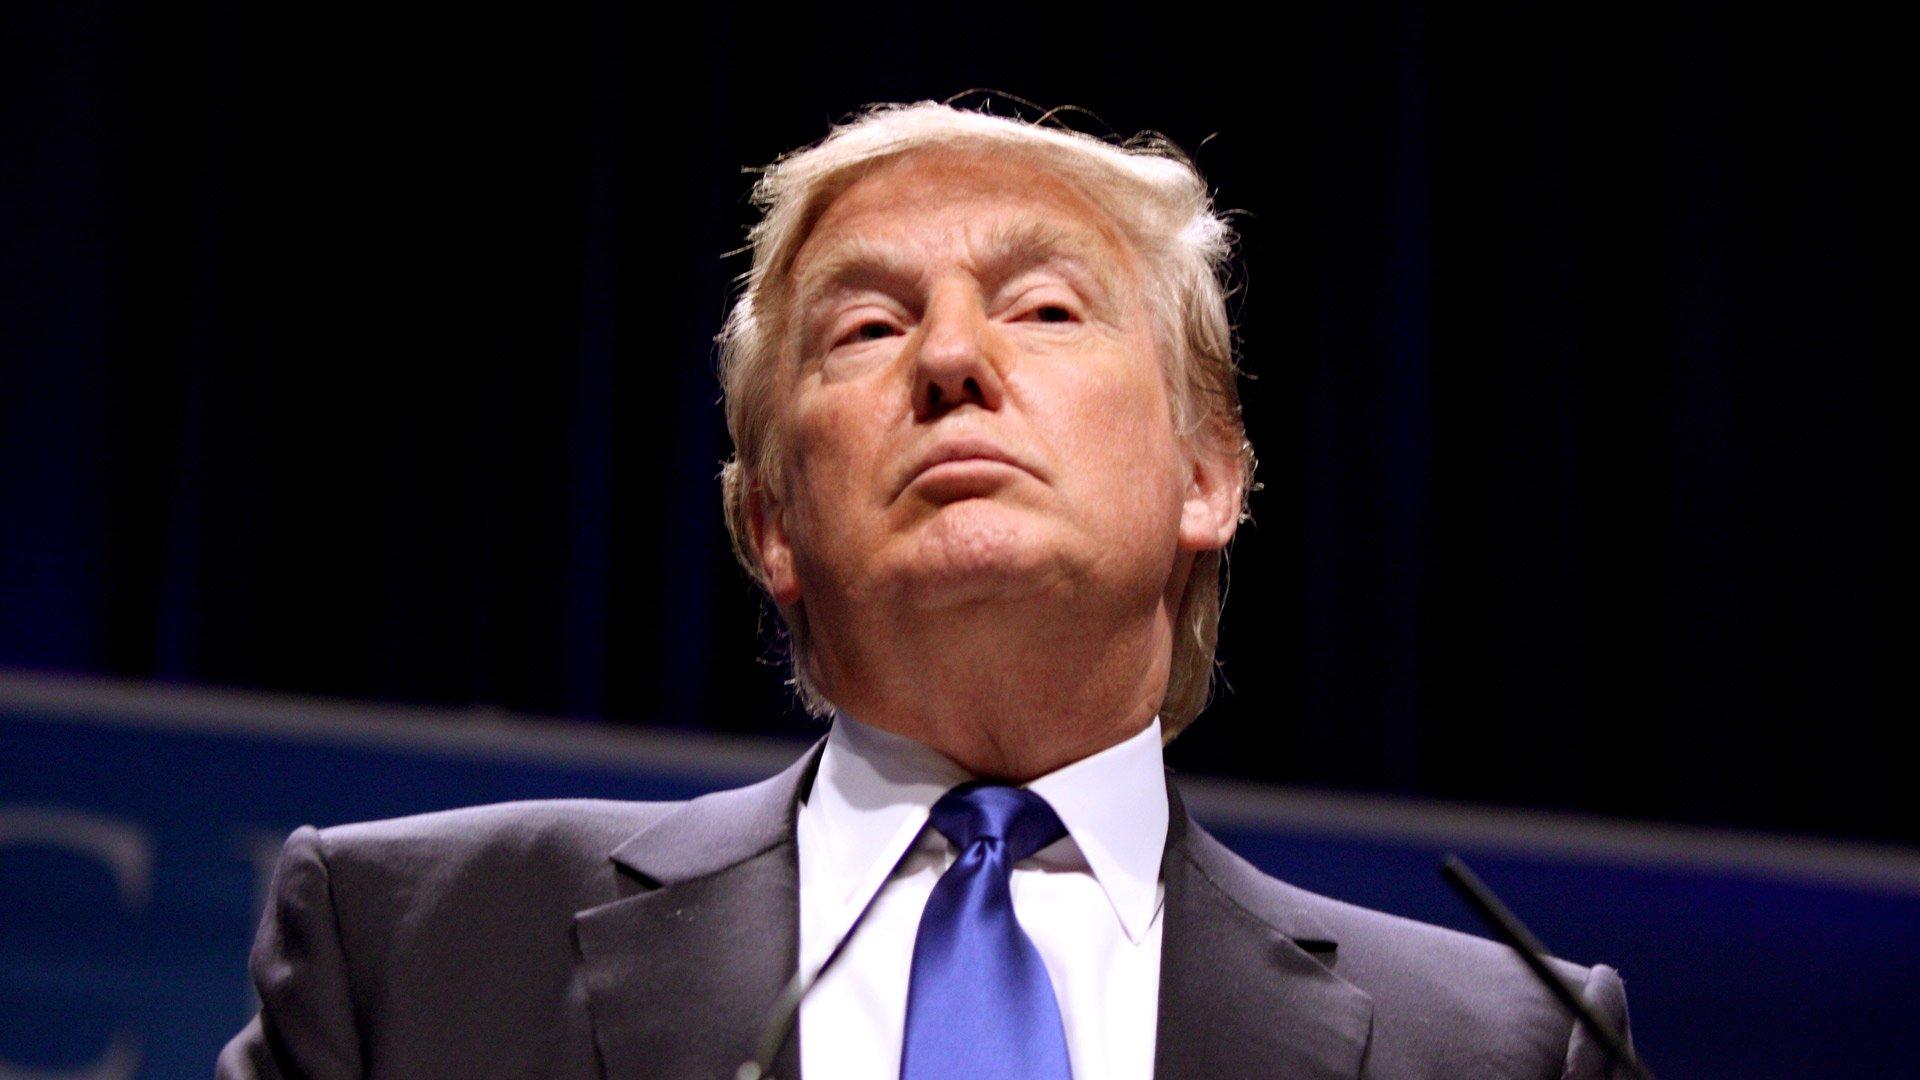 Россия, США, Трамп, выборы президента США, Орешкин, мнение, Путин